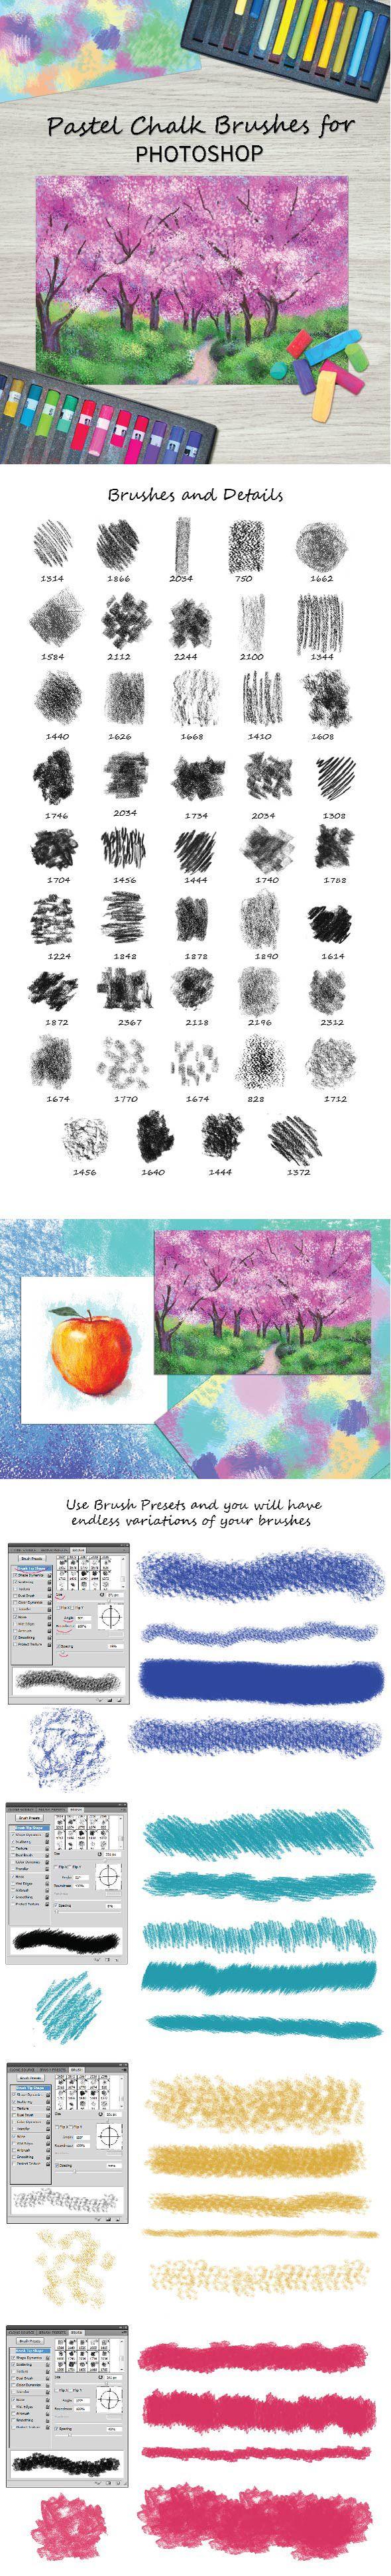 Pastel Chalk Brushes for Photoshop - Brushes Photoshop